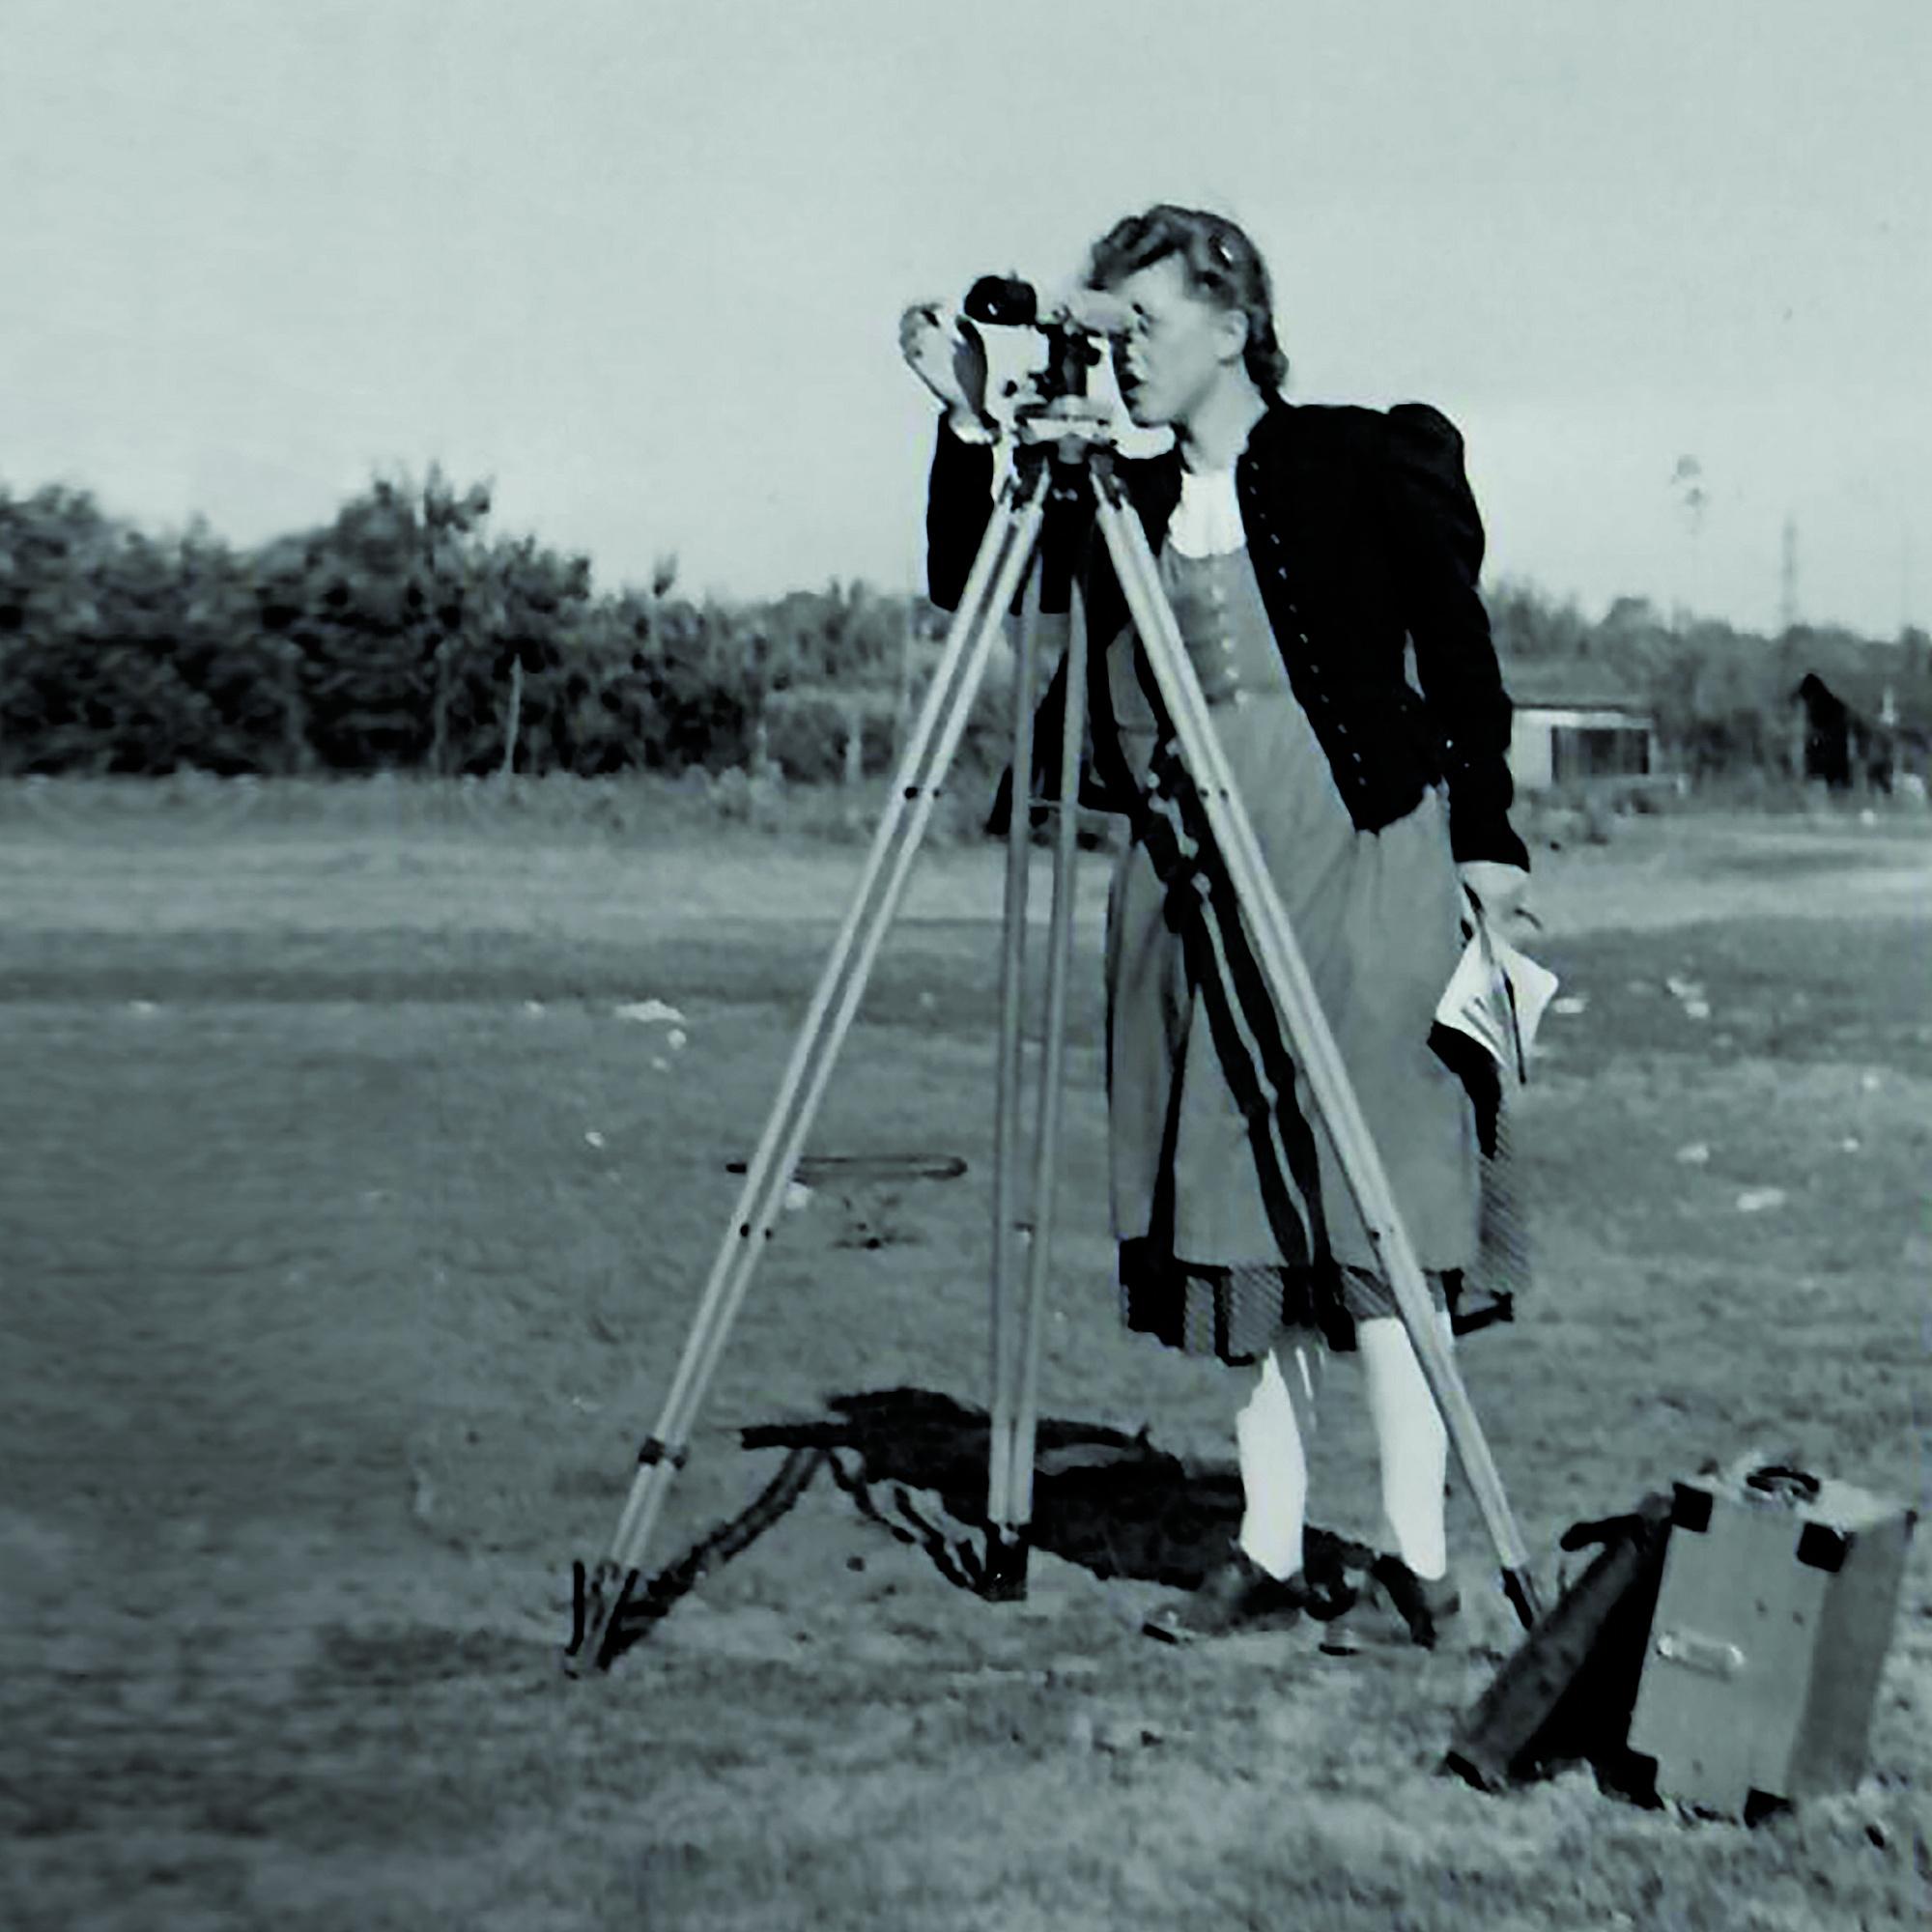 Das Schwarz-Weiß-Bild zeigt eine Frau an einem Vermessungsgerät.